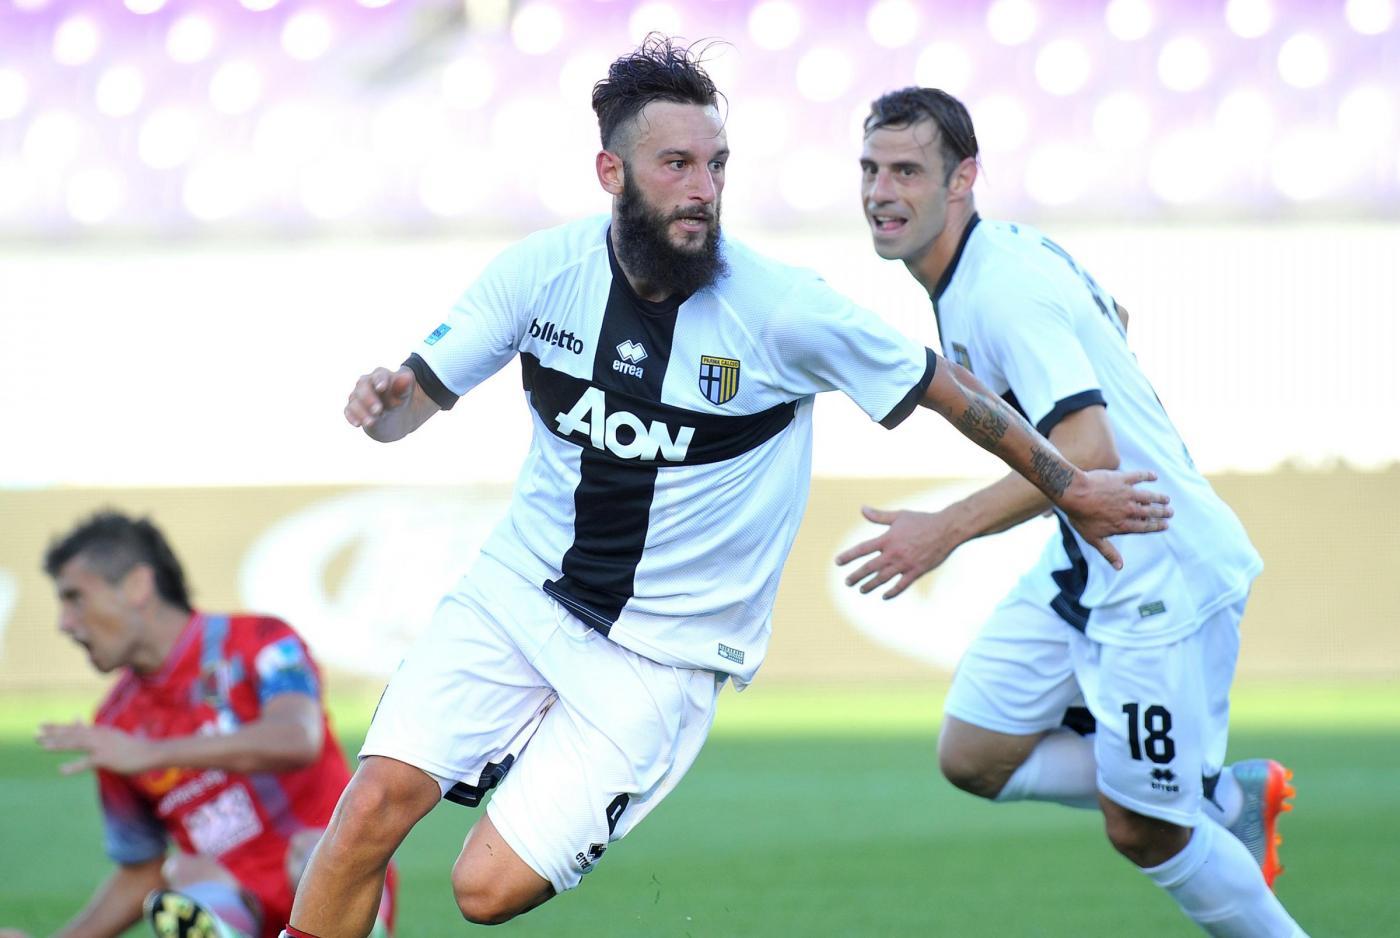 Parma-Spezia mercoledì 27 dicembre, analisi e pronostico Serie B giornata 21